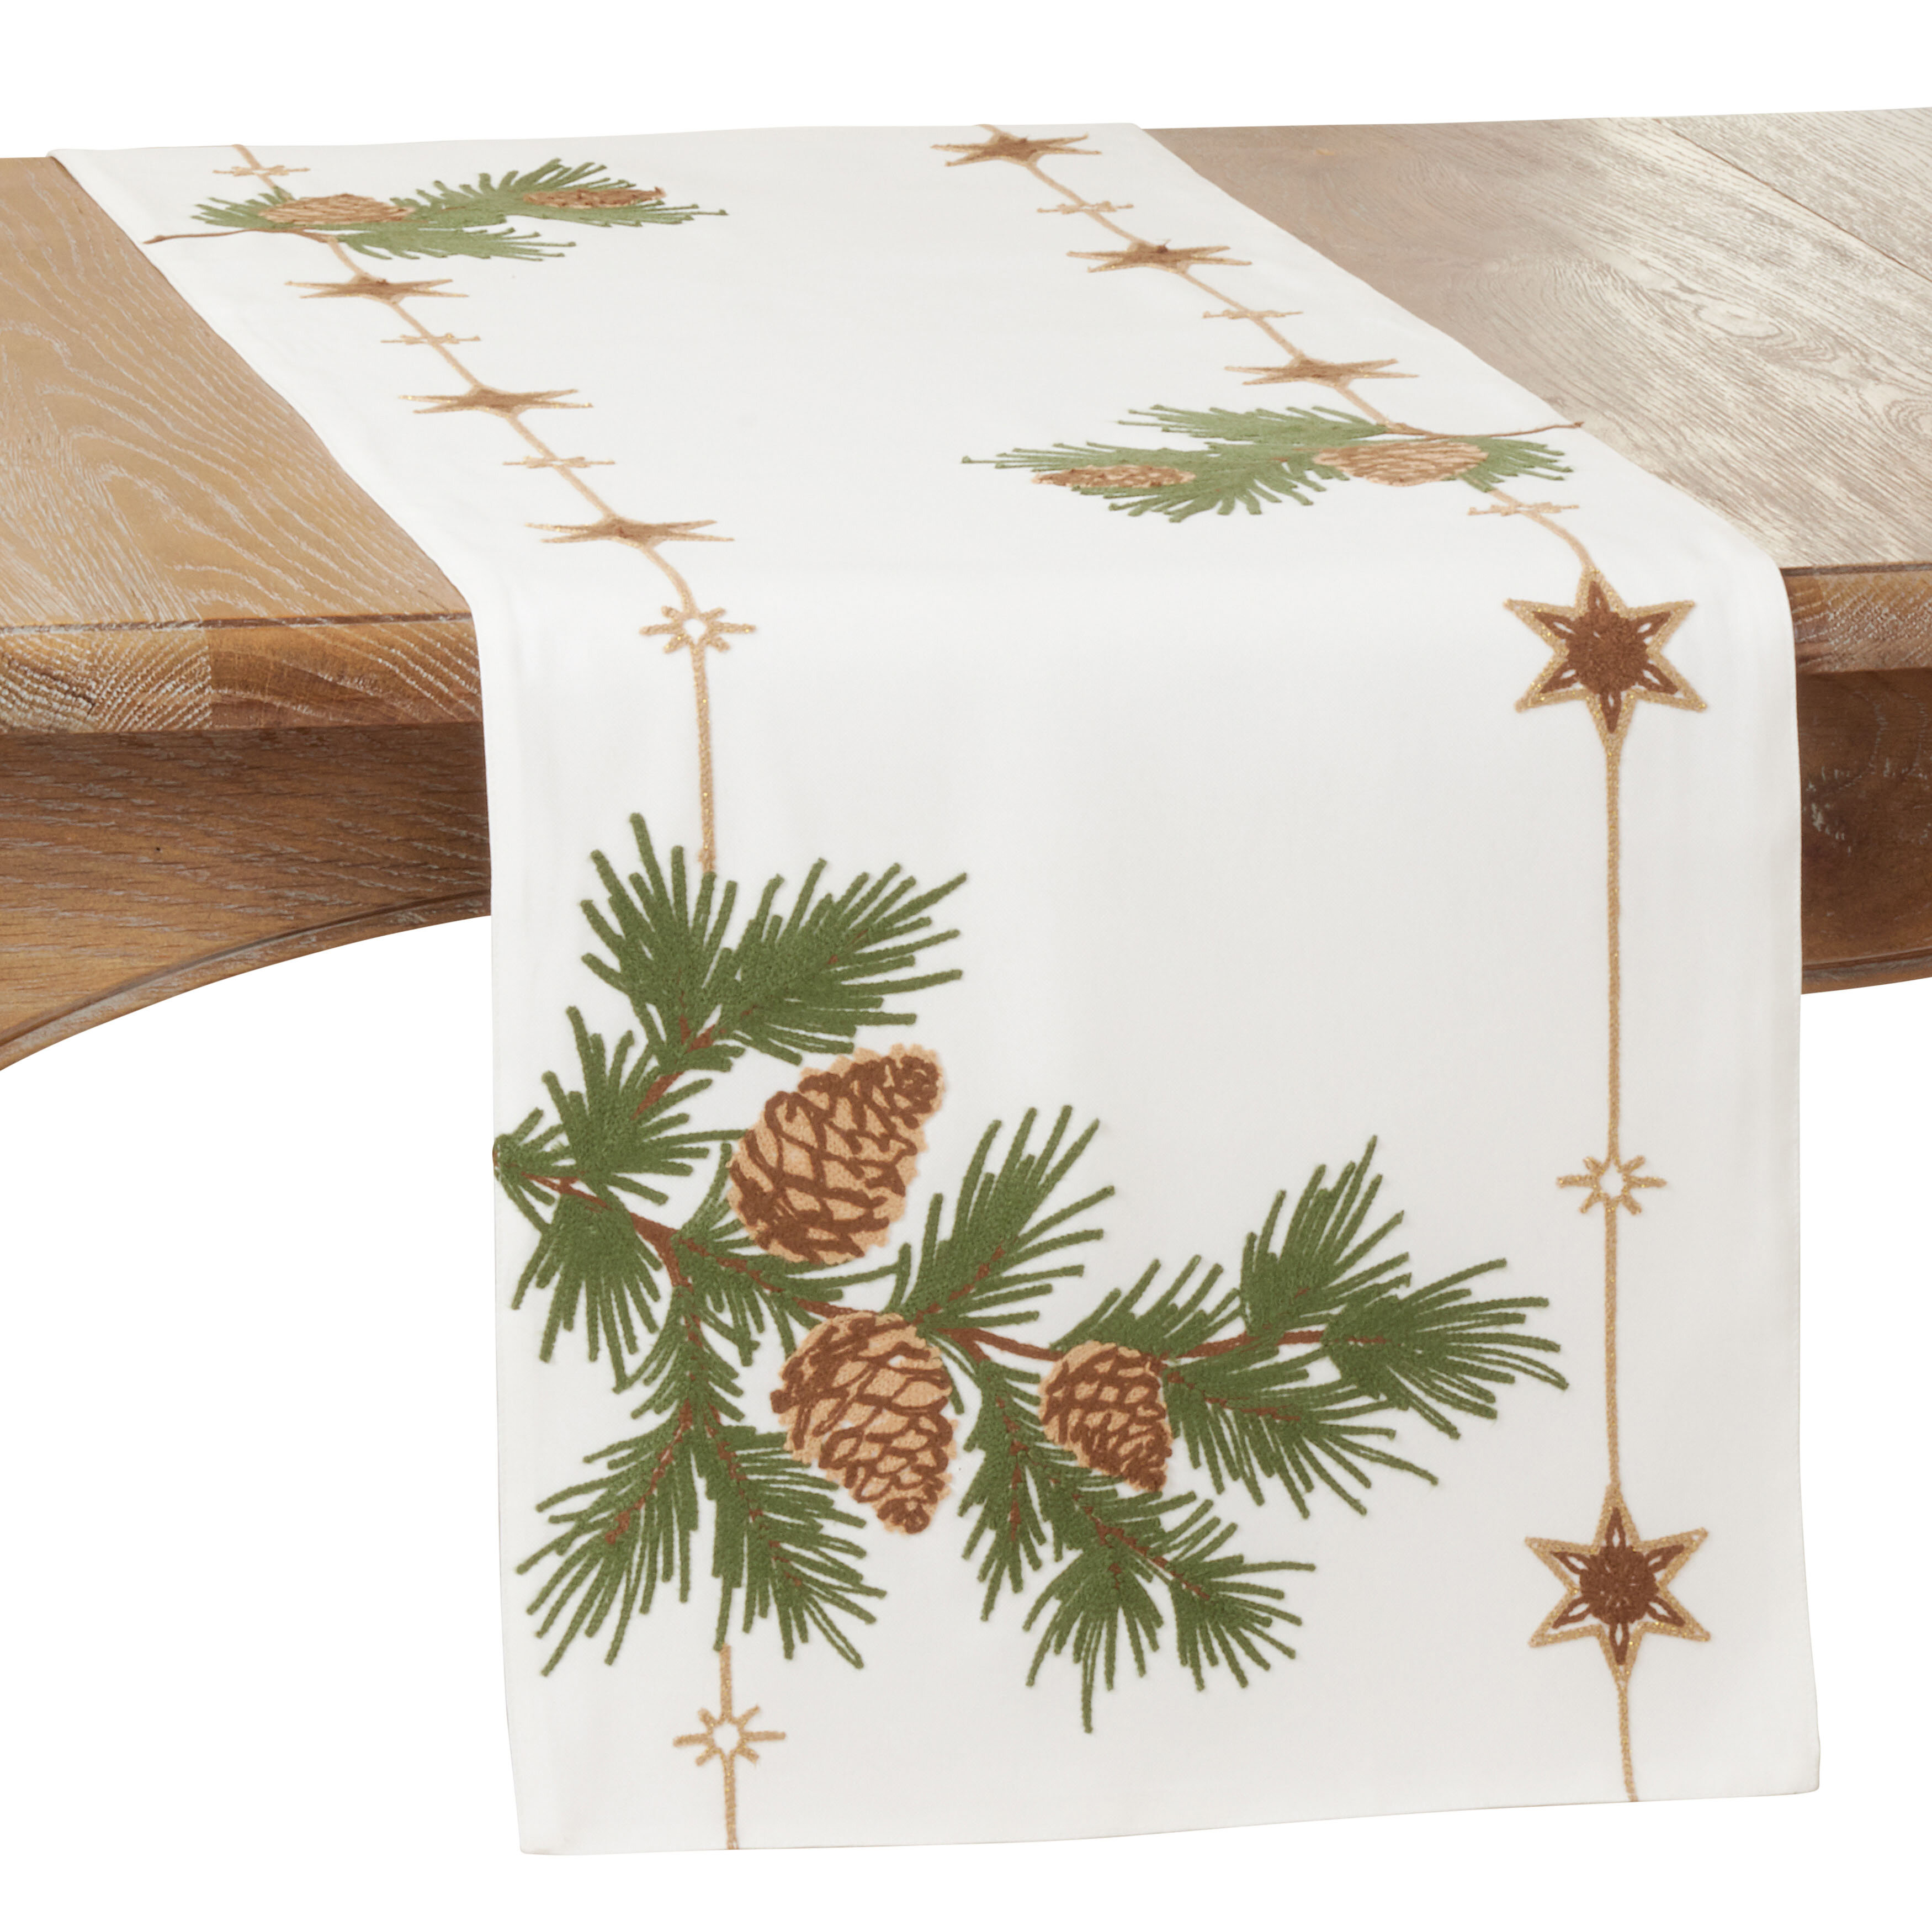 The Holiday Aisle Izumi Floral Christmas Table Runner Wayfair